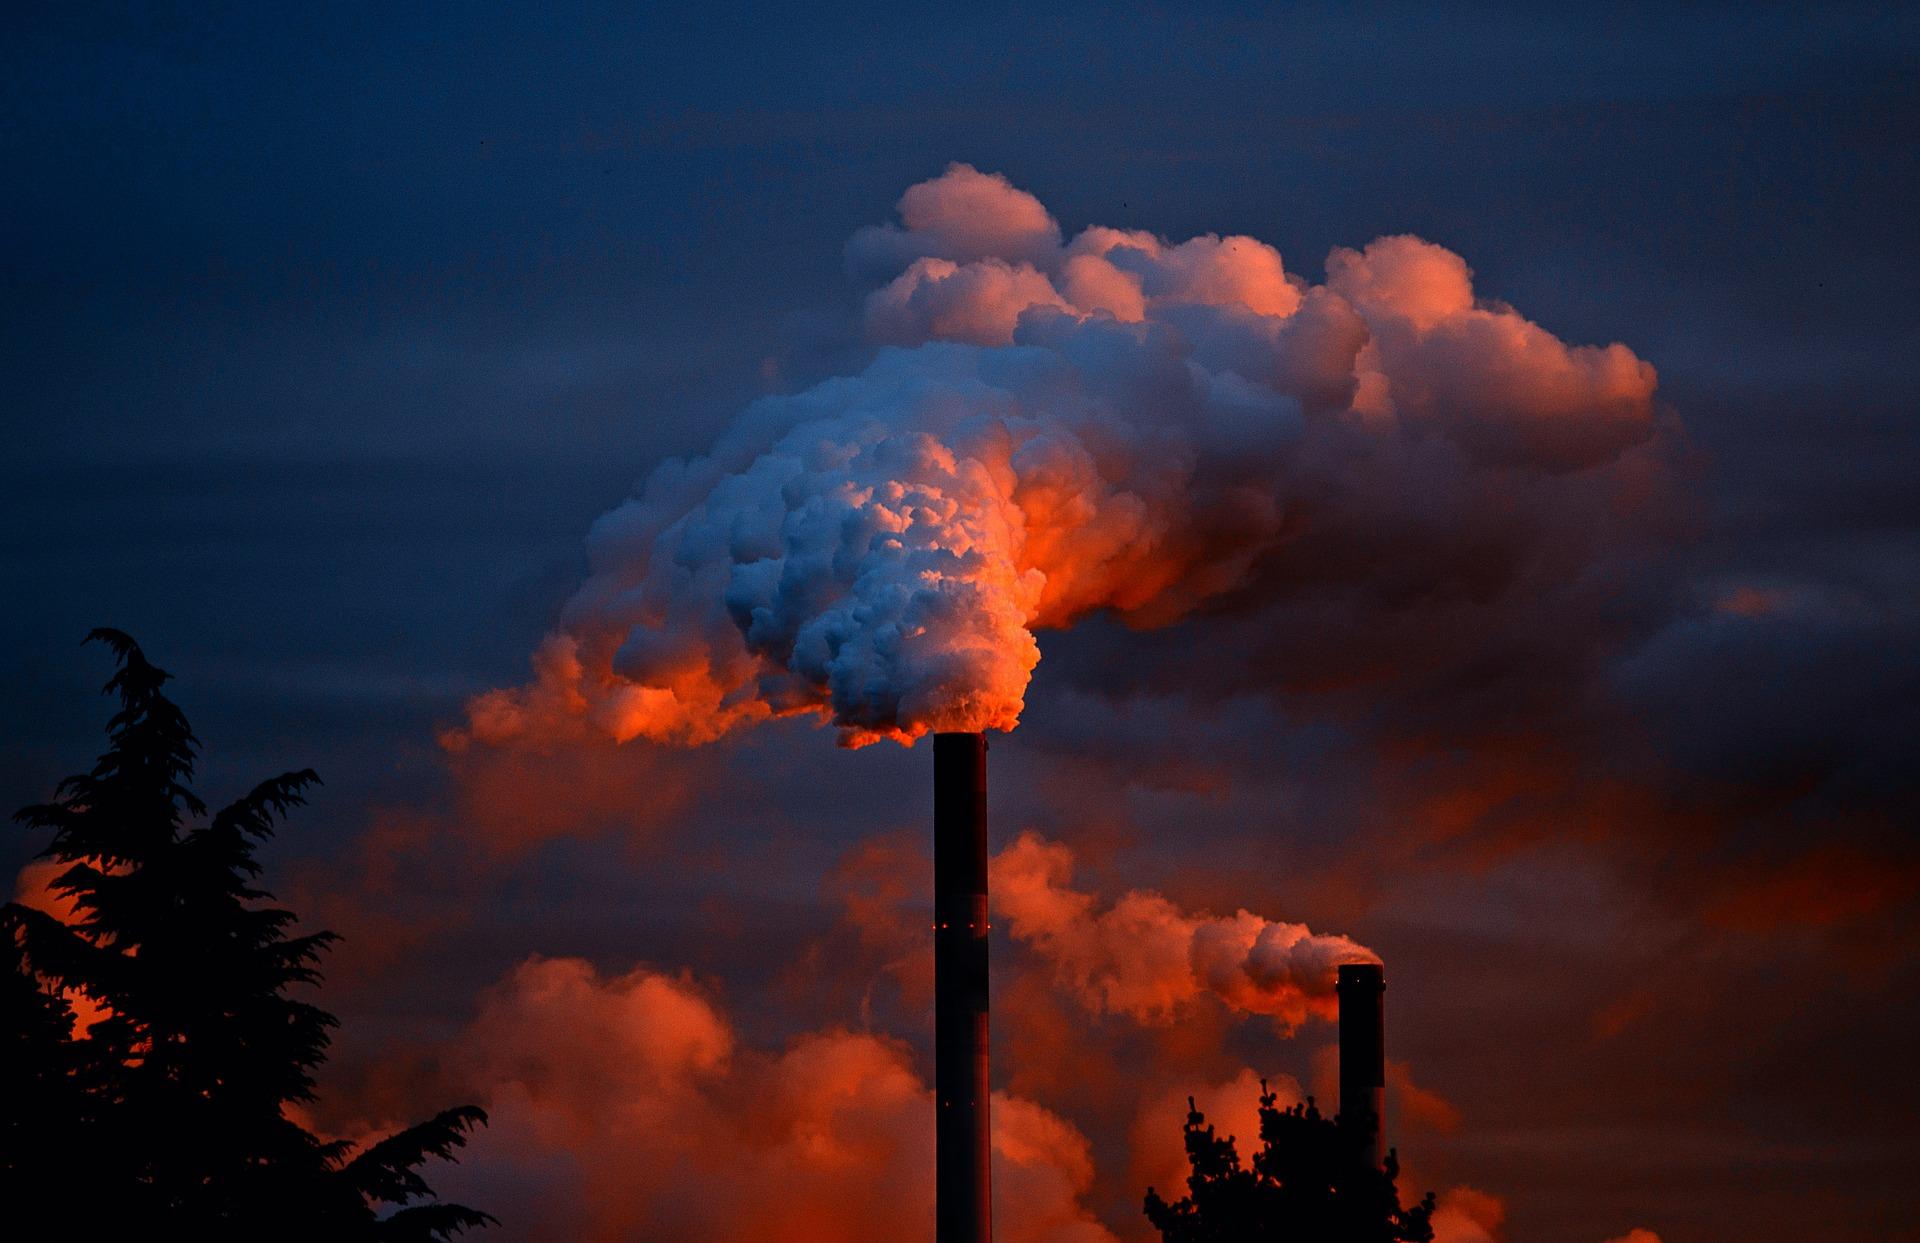 Absuelven a dos directivos de una empresa de hidrometalurgia de un delito medio ambiental